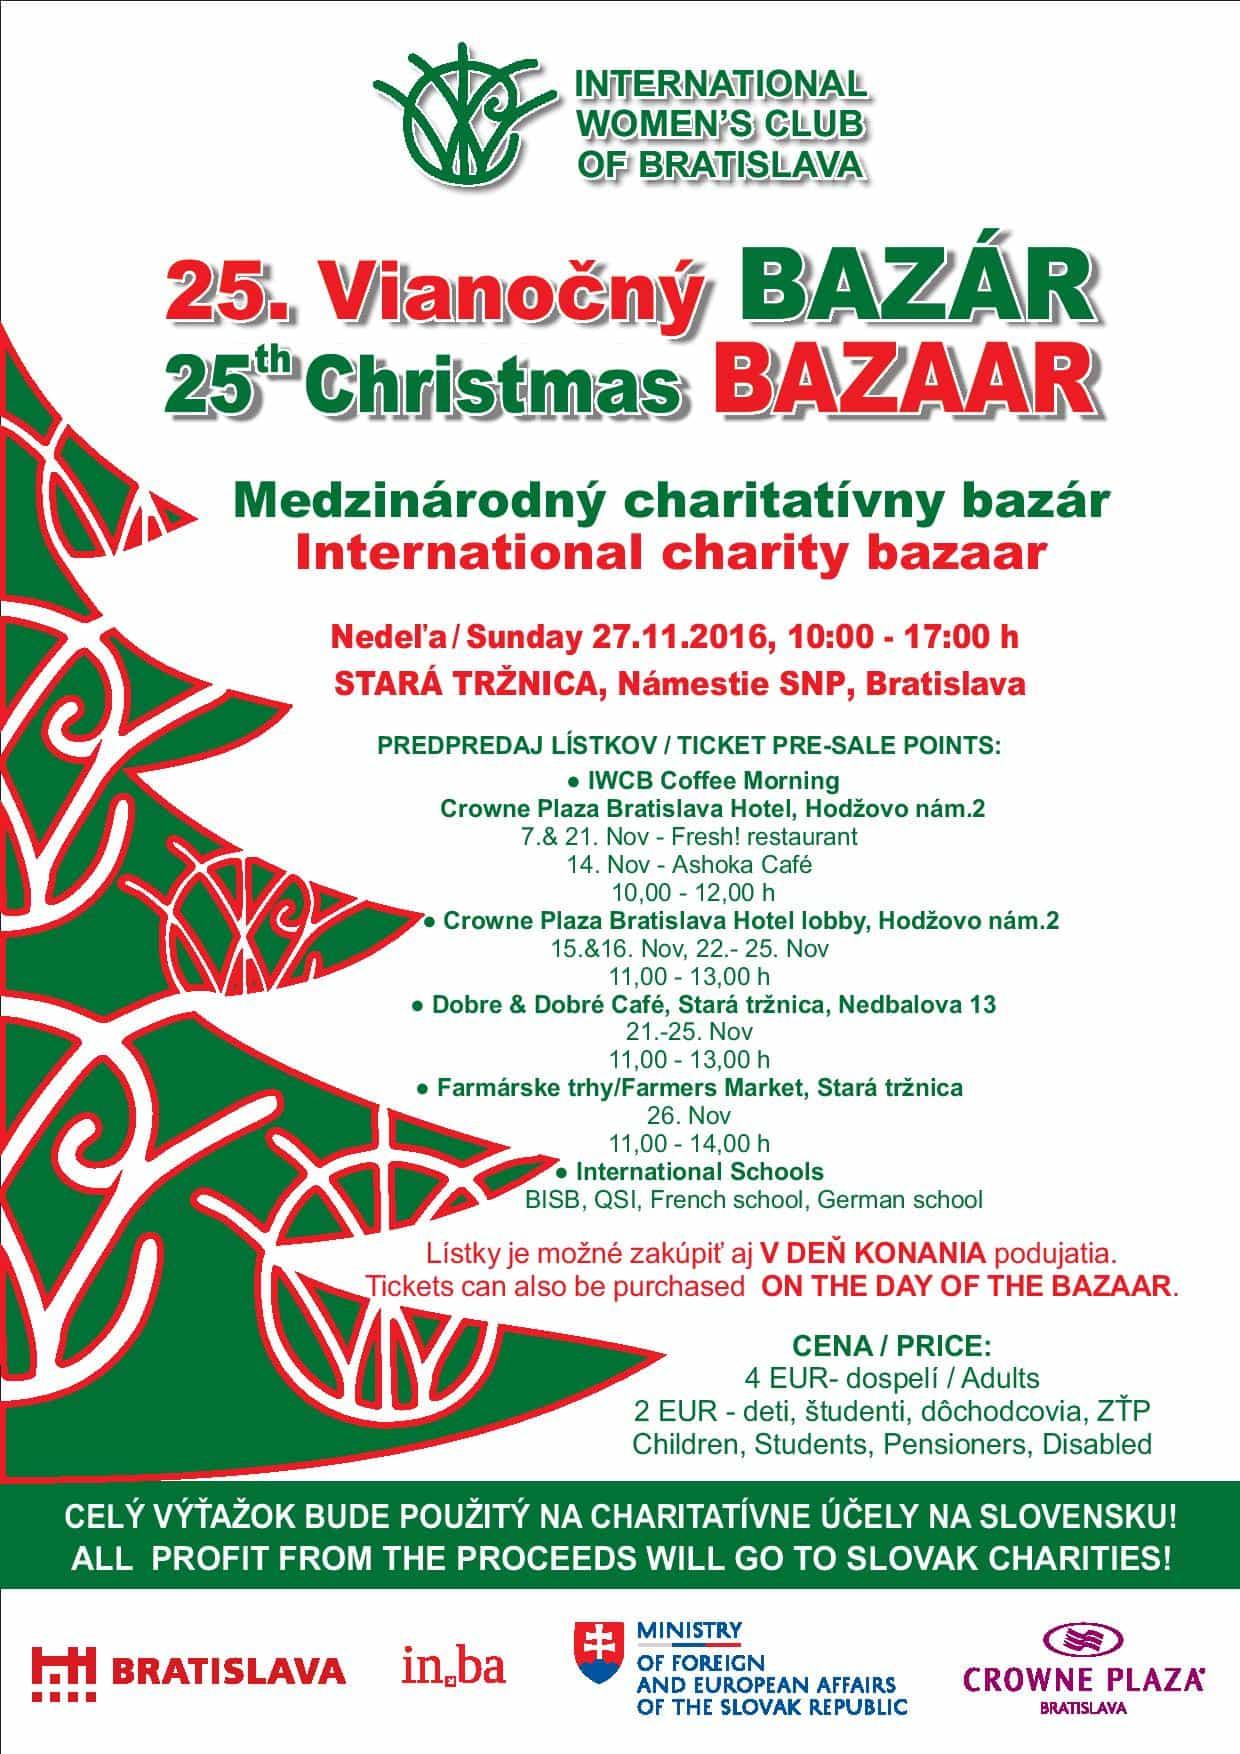 Vianočný bazár - plagát